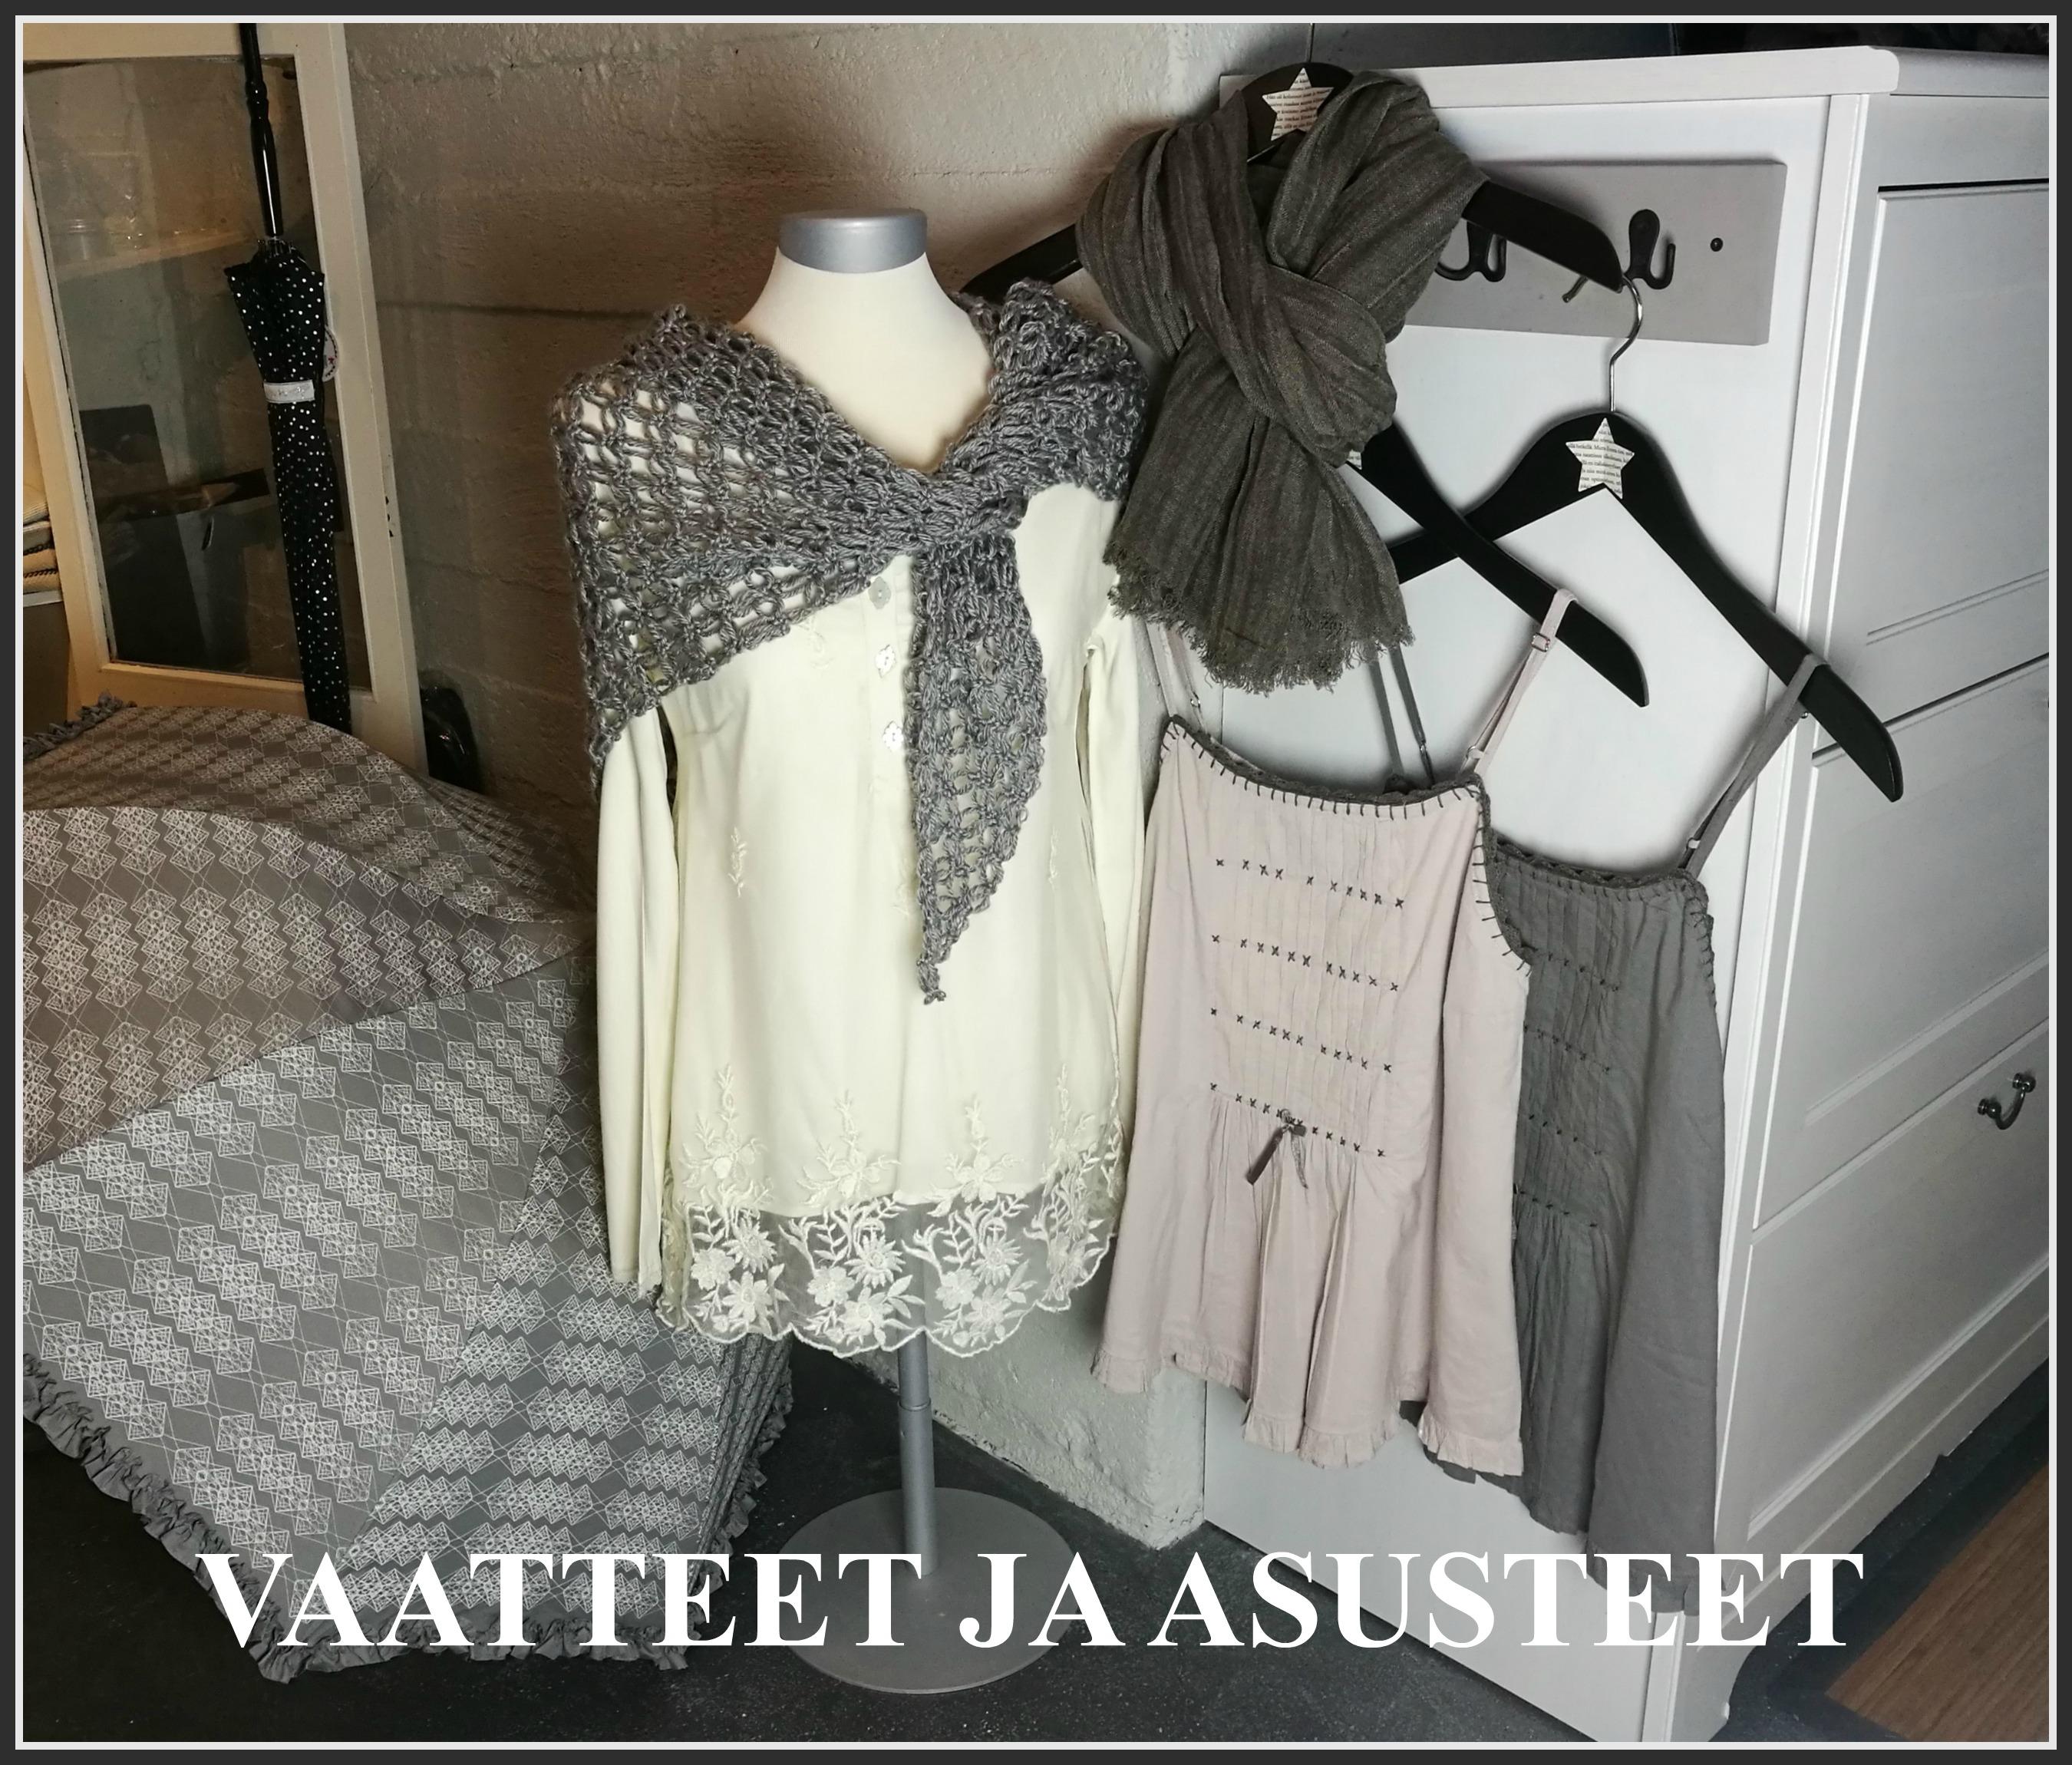 vaatteet_ja_asusteet